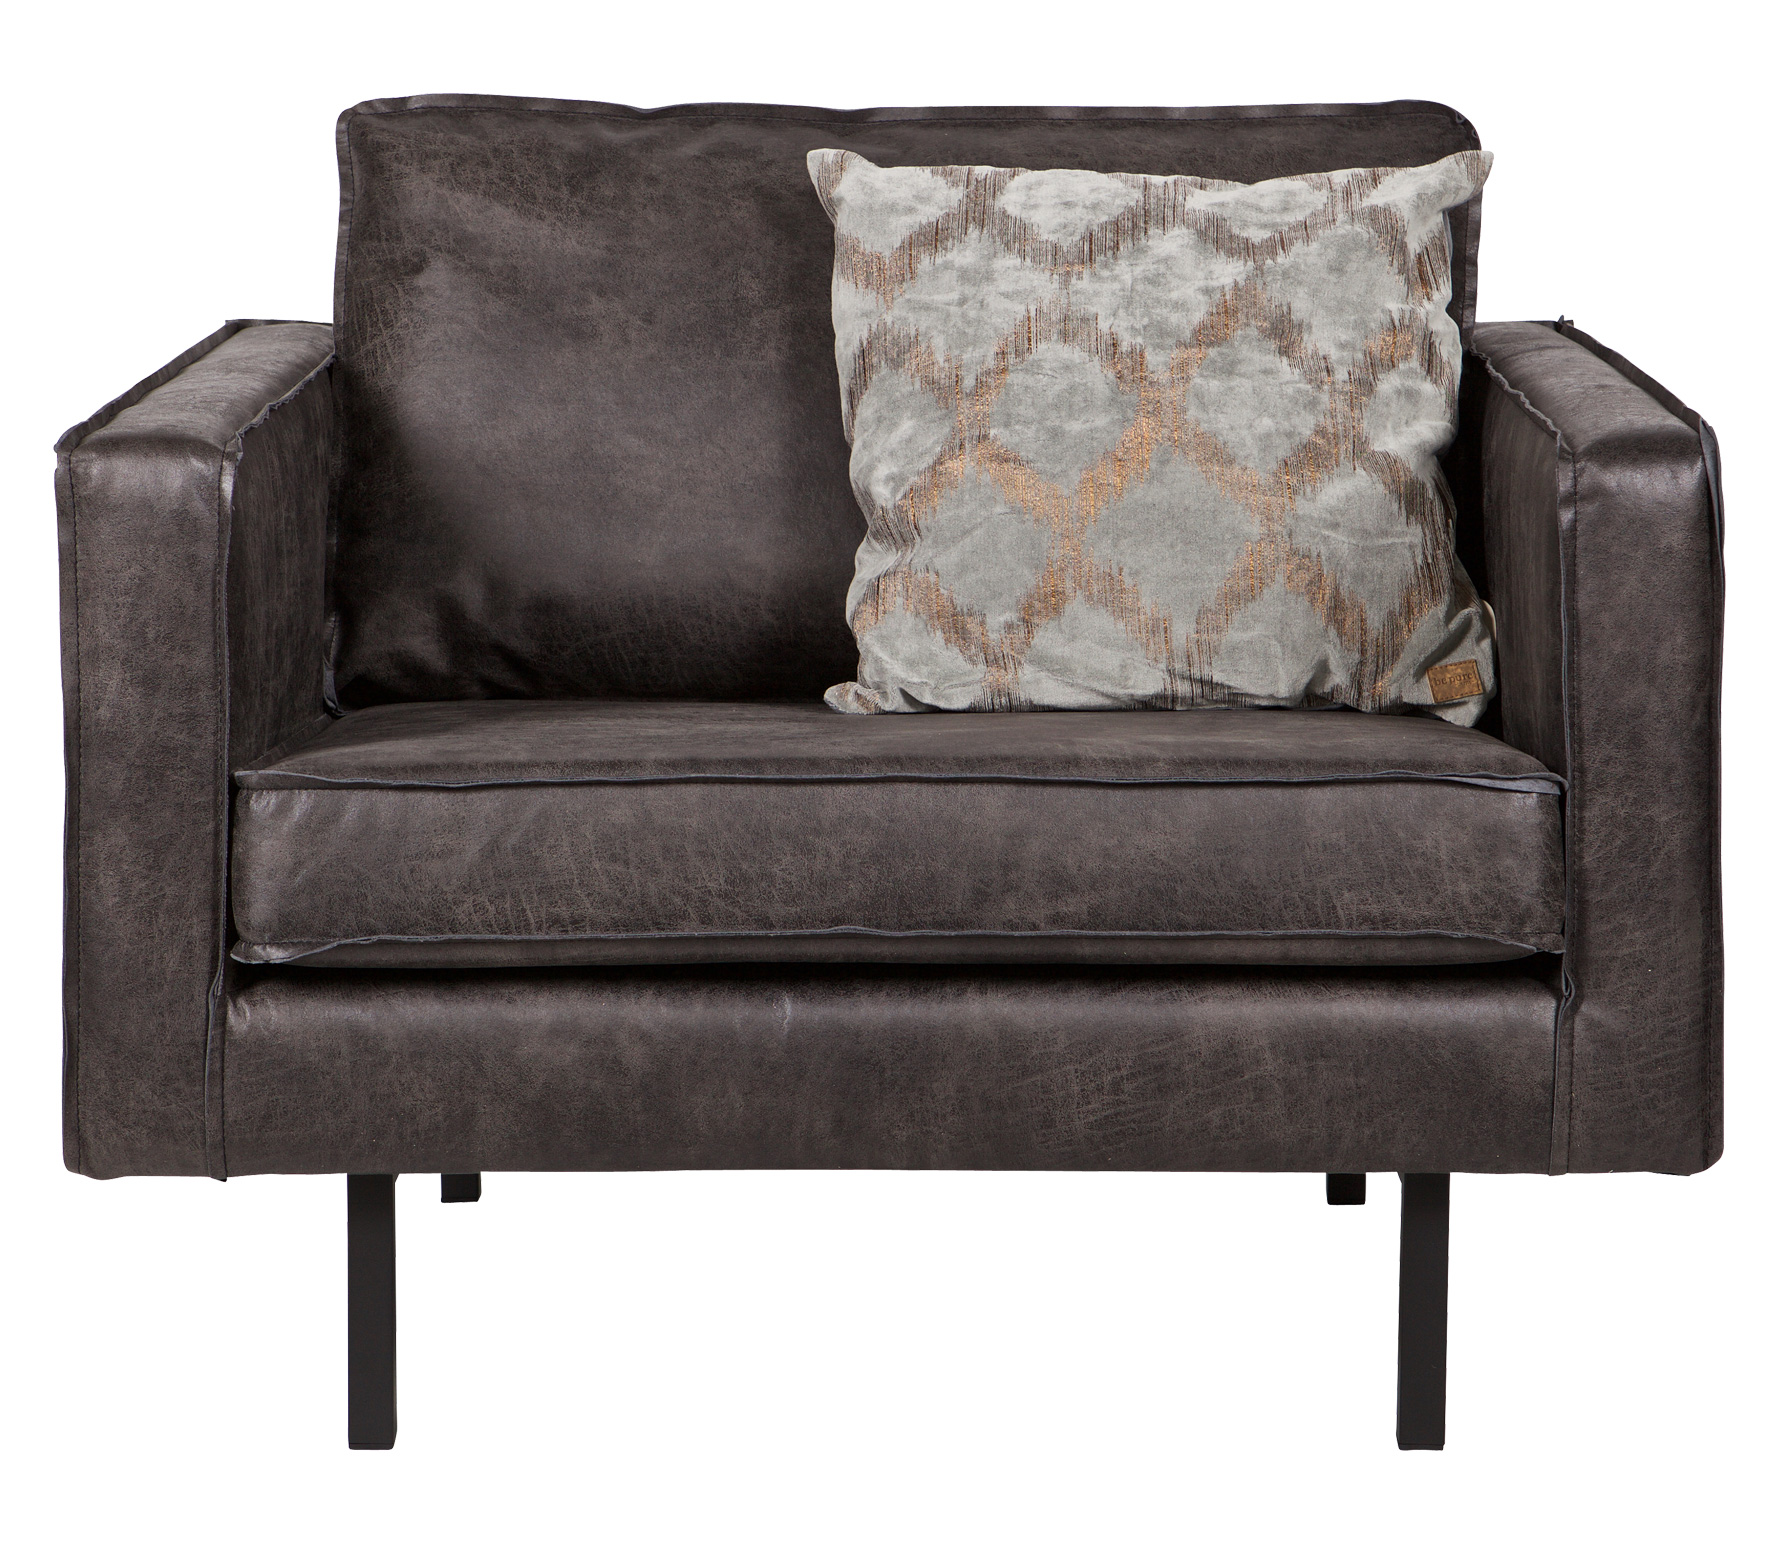 BePureHome Rodeo loveseat 1,5-zits fauteuil recycle leer zwart